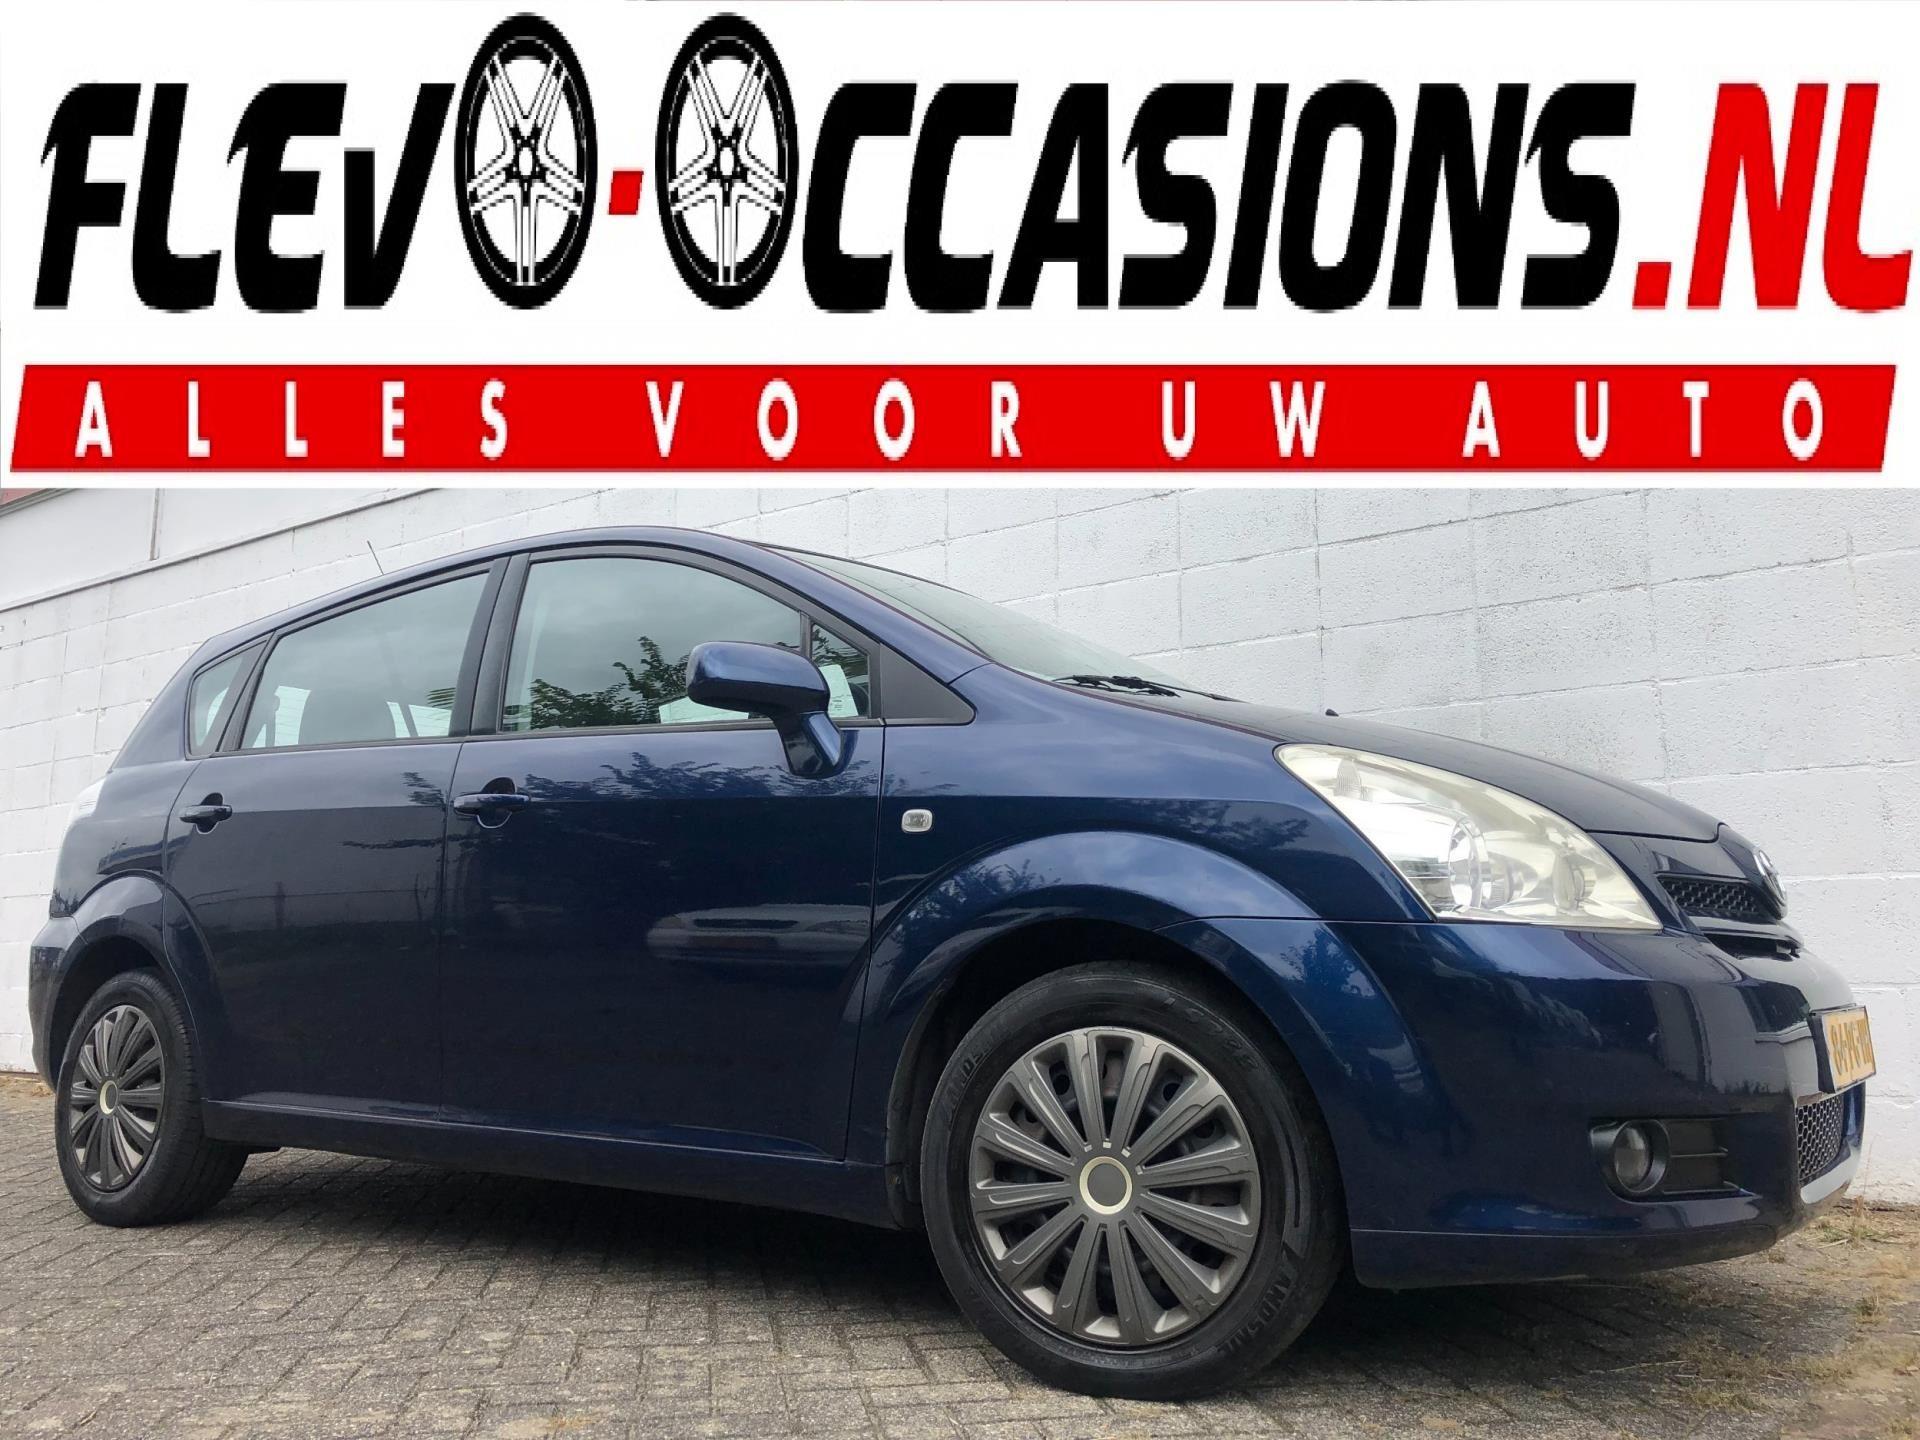 Toyota Corolla Verso occasion - Flevo Occasions